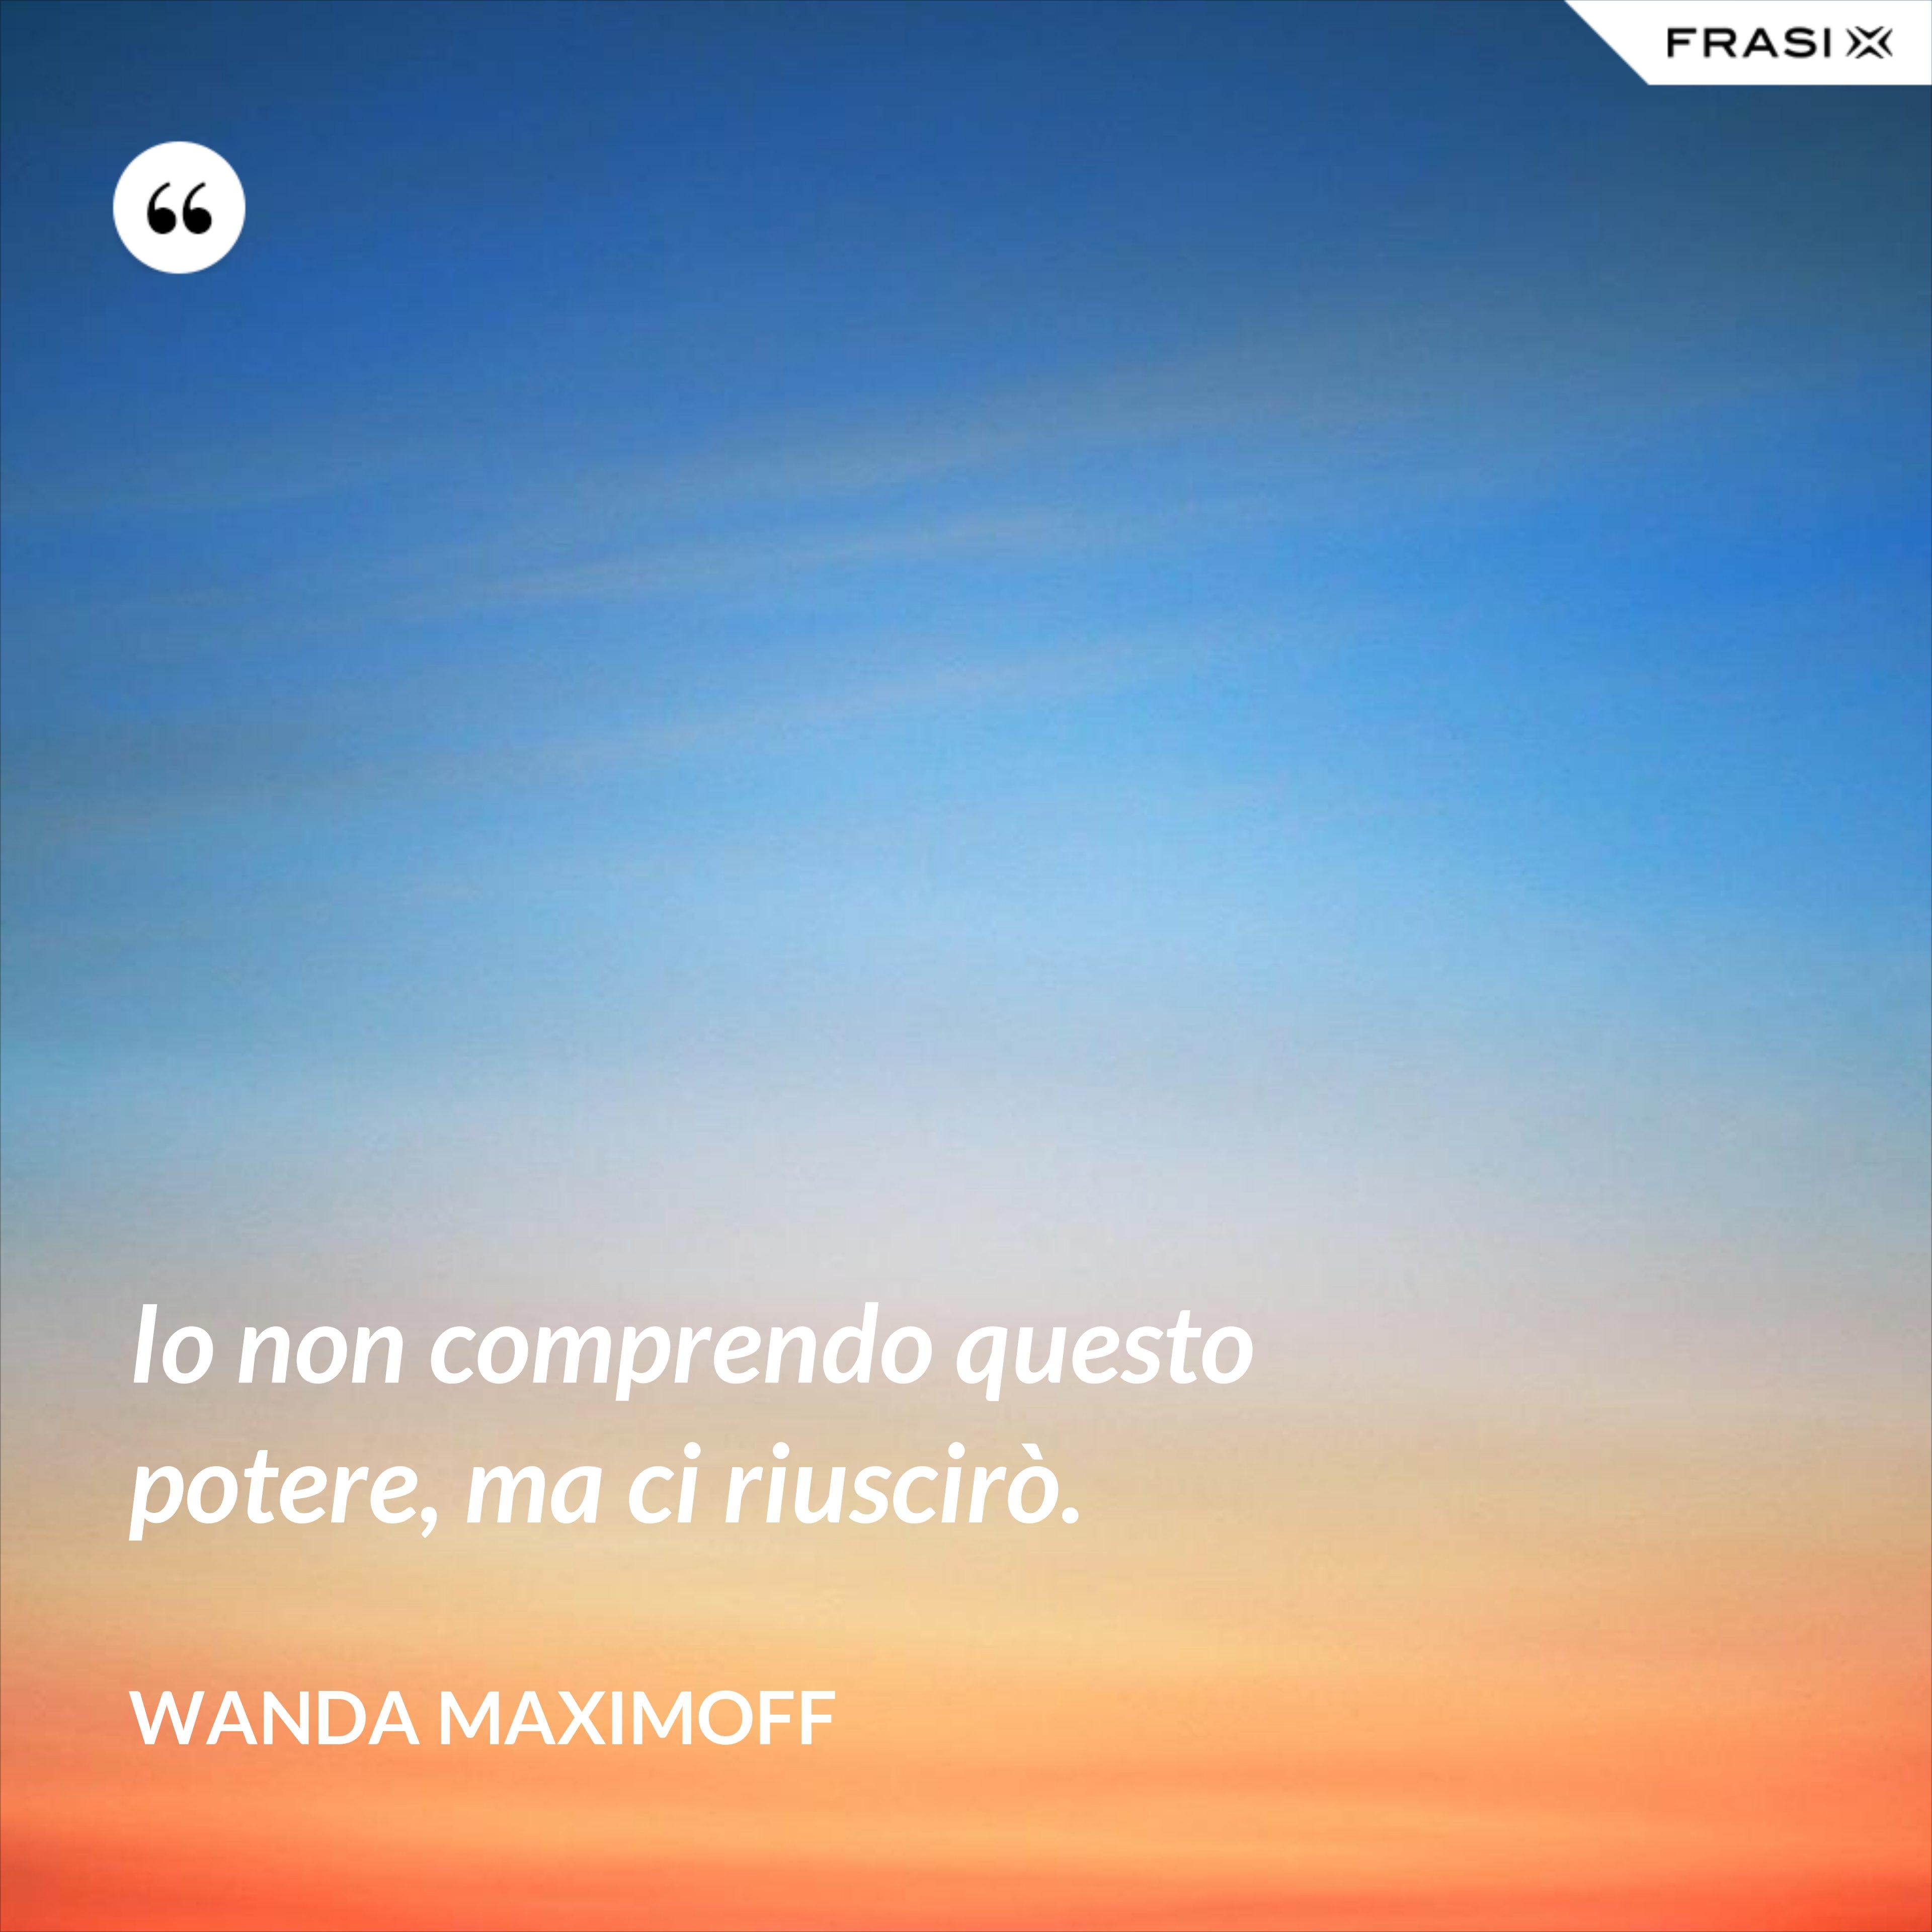 Io non comprendo questo potere, ma ci riuscirò. - Wanda Maximoff